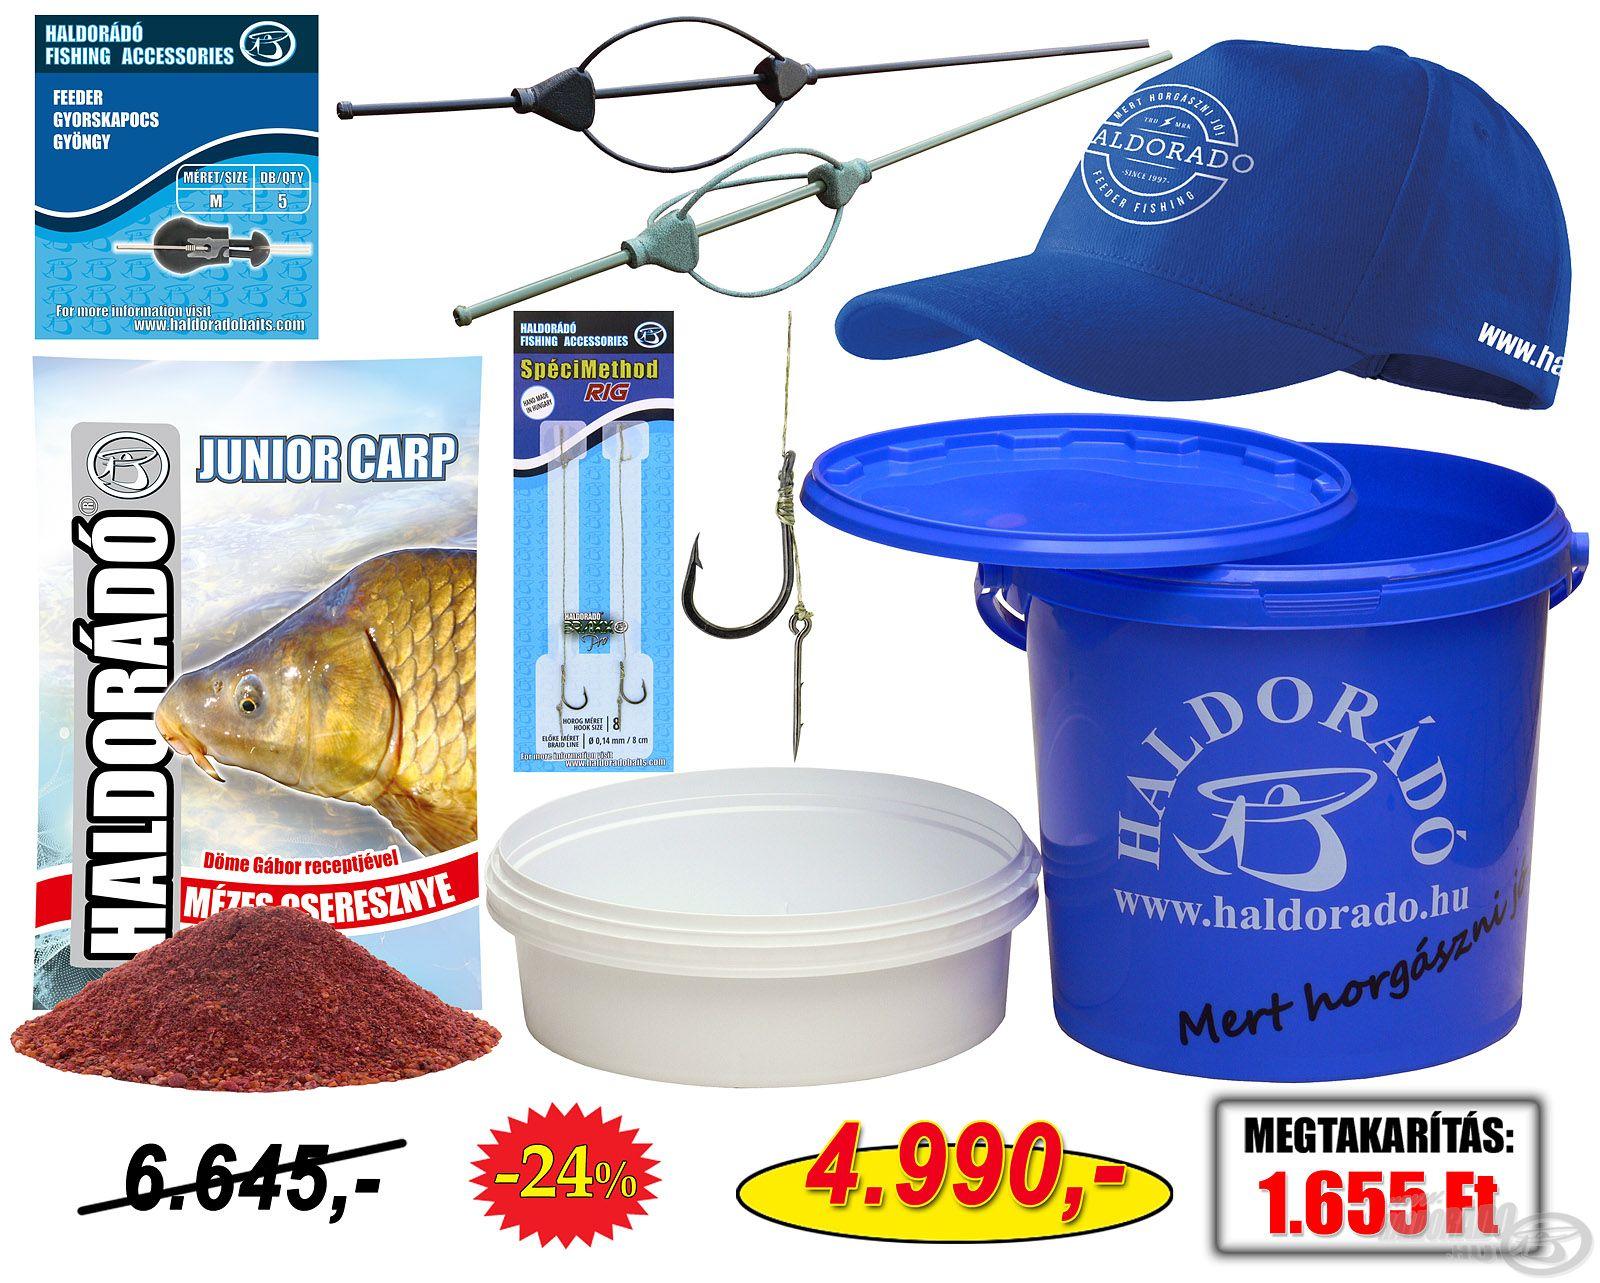 Haldorádó Gyermekhorgász ajándékcsomag, amiben az ifjú horgászpalánták egy komplett pontyos végszerelék minden elemét megtalálhatják